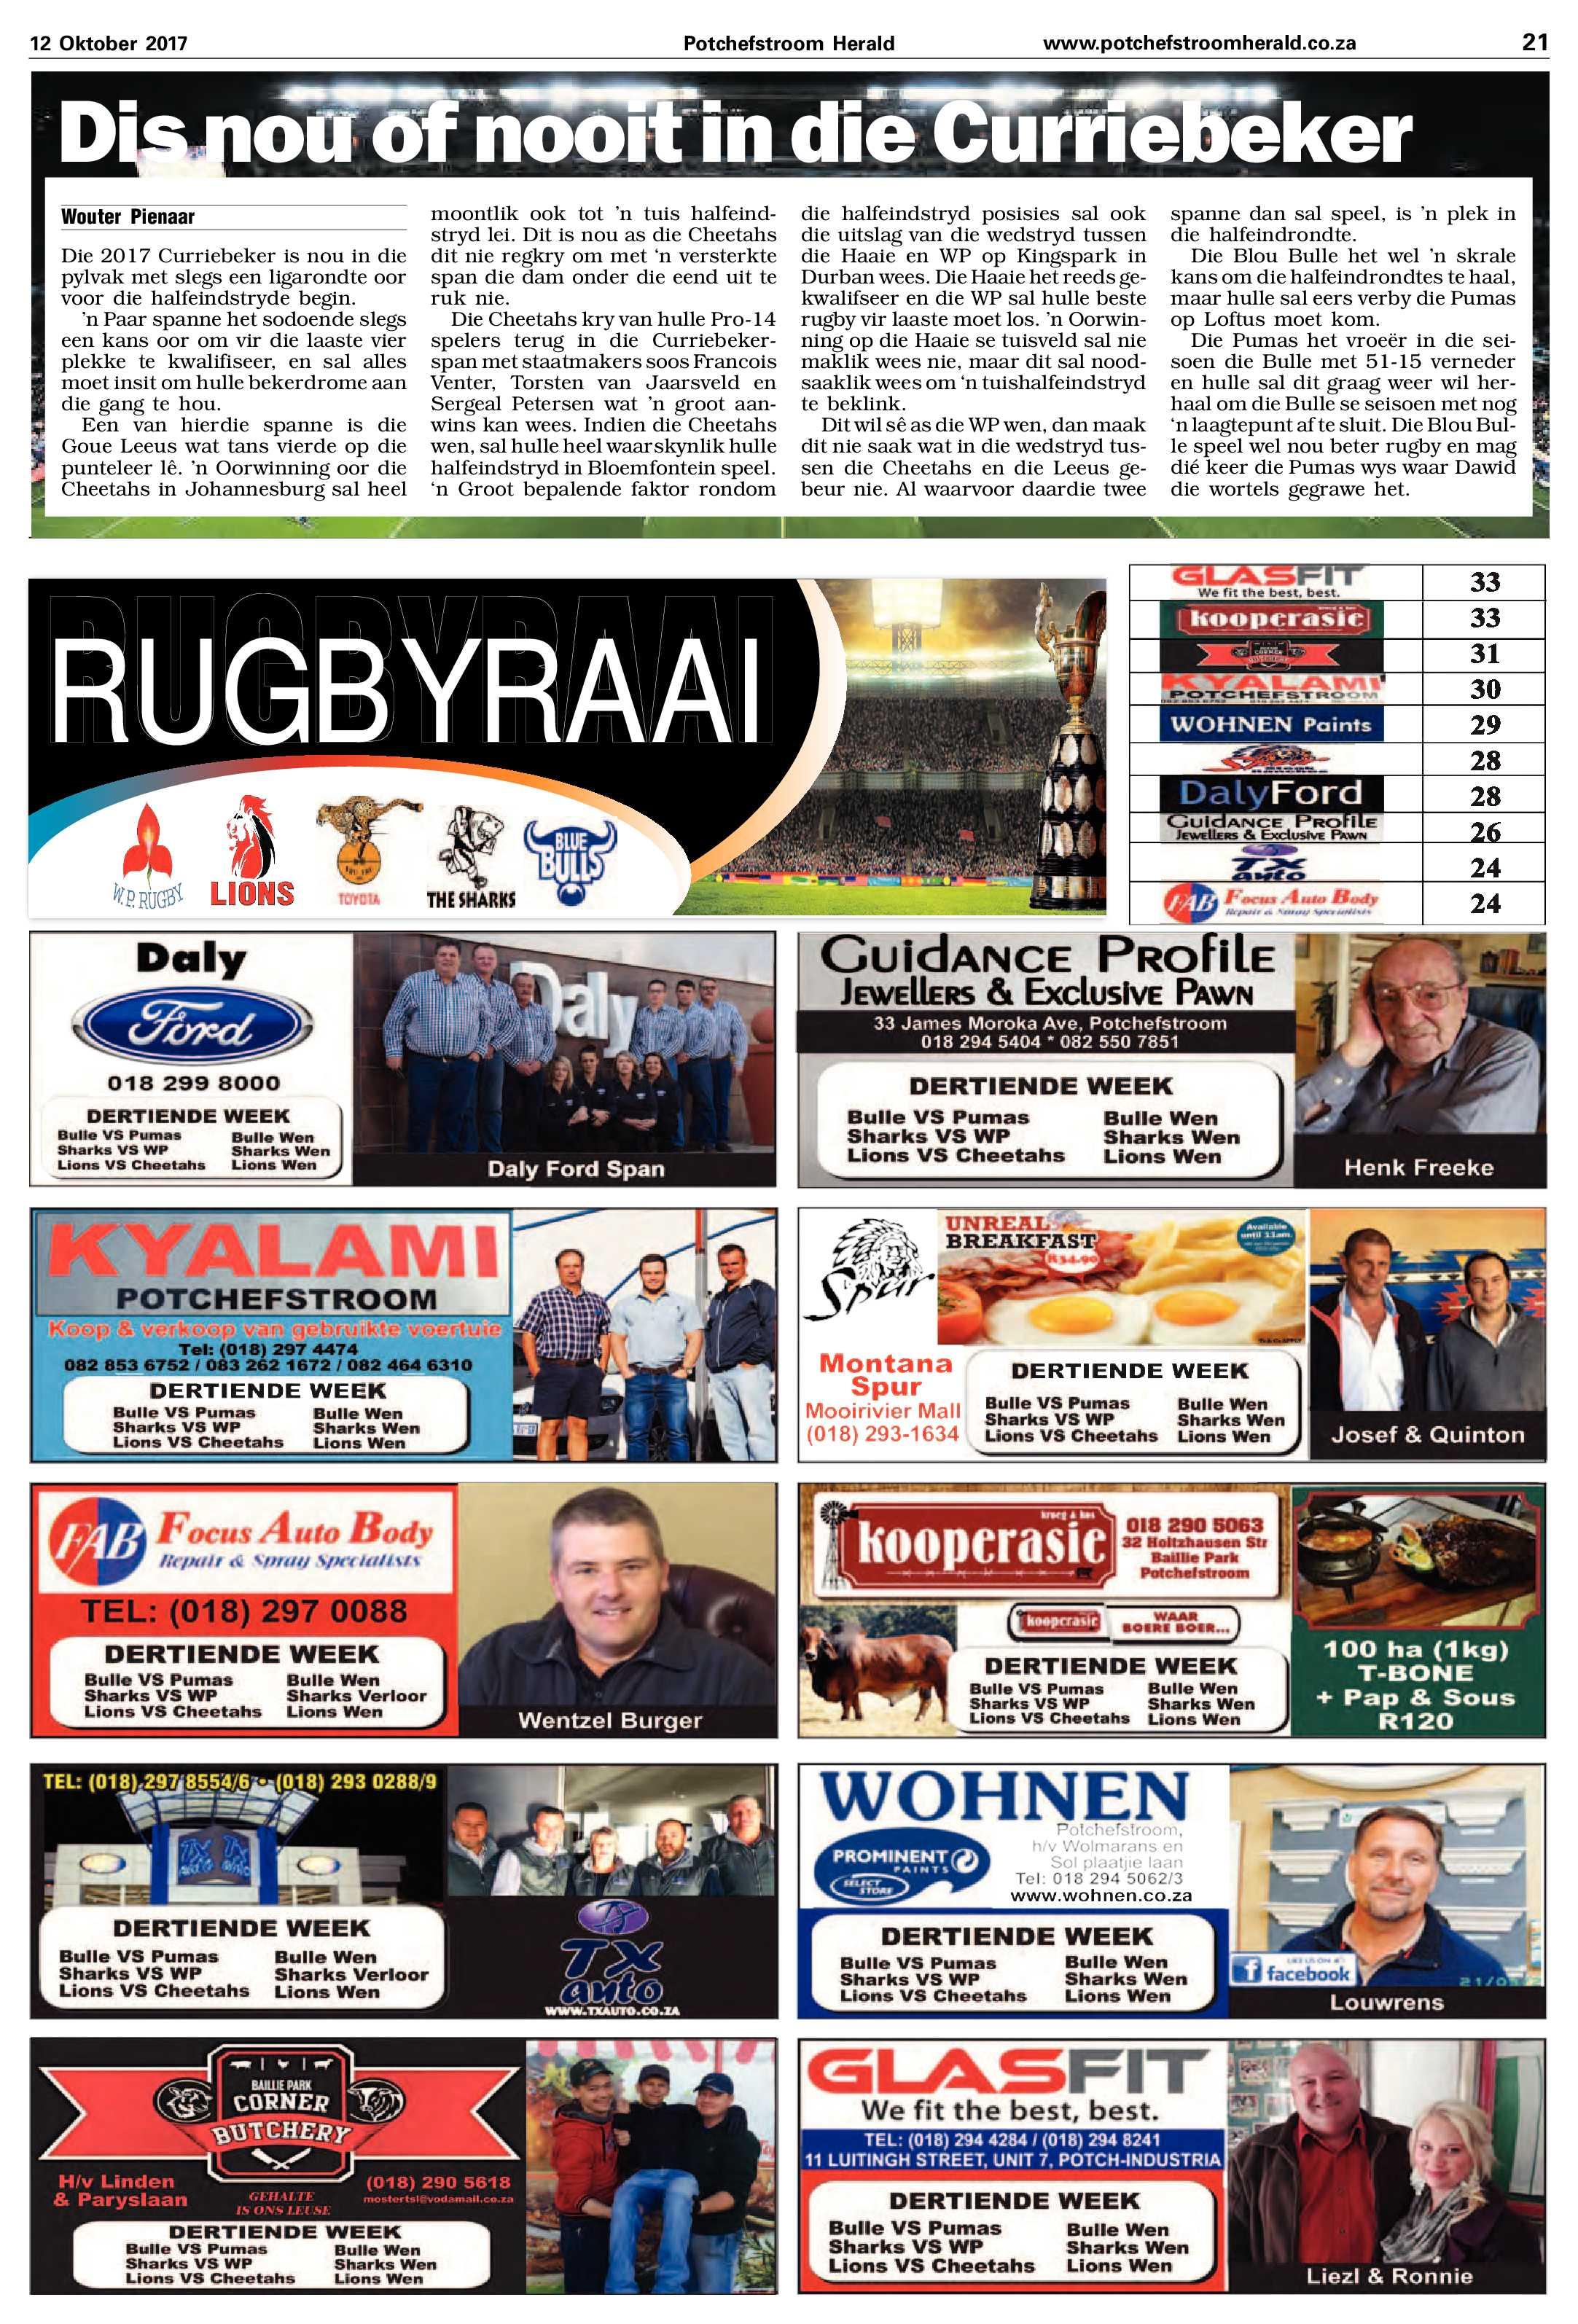 12-oktober-2017-epapers-page-21